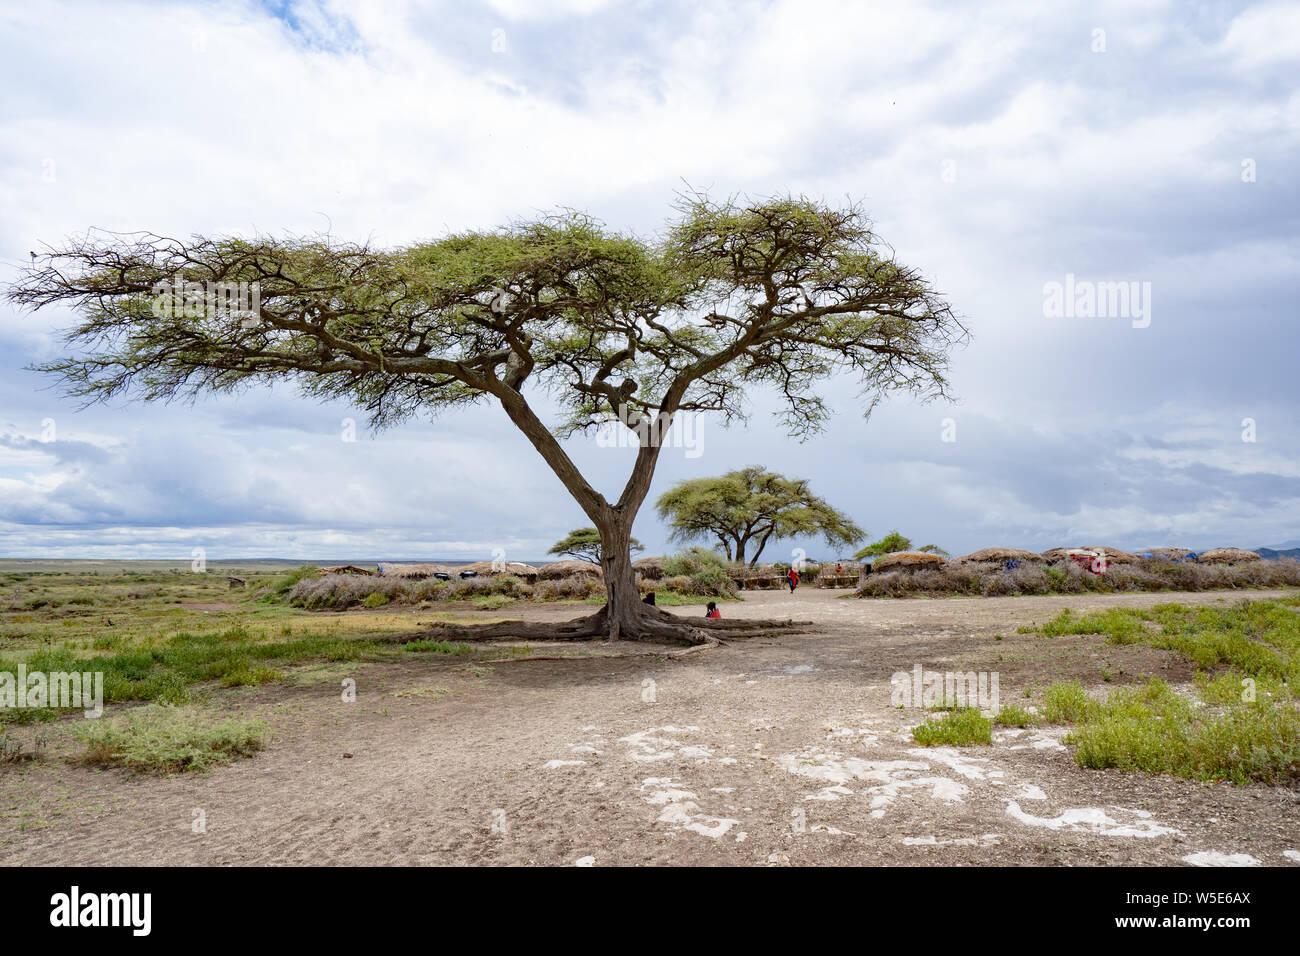 Acacia en el Parque nacional Serengeti, Tanzania Foto de stock